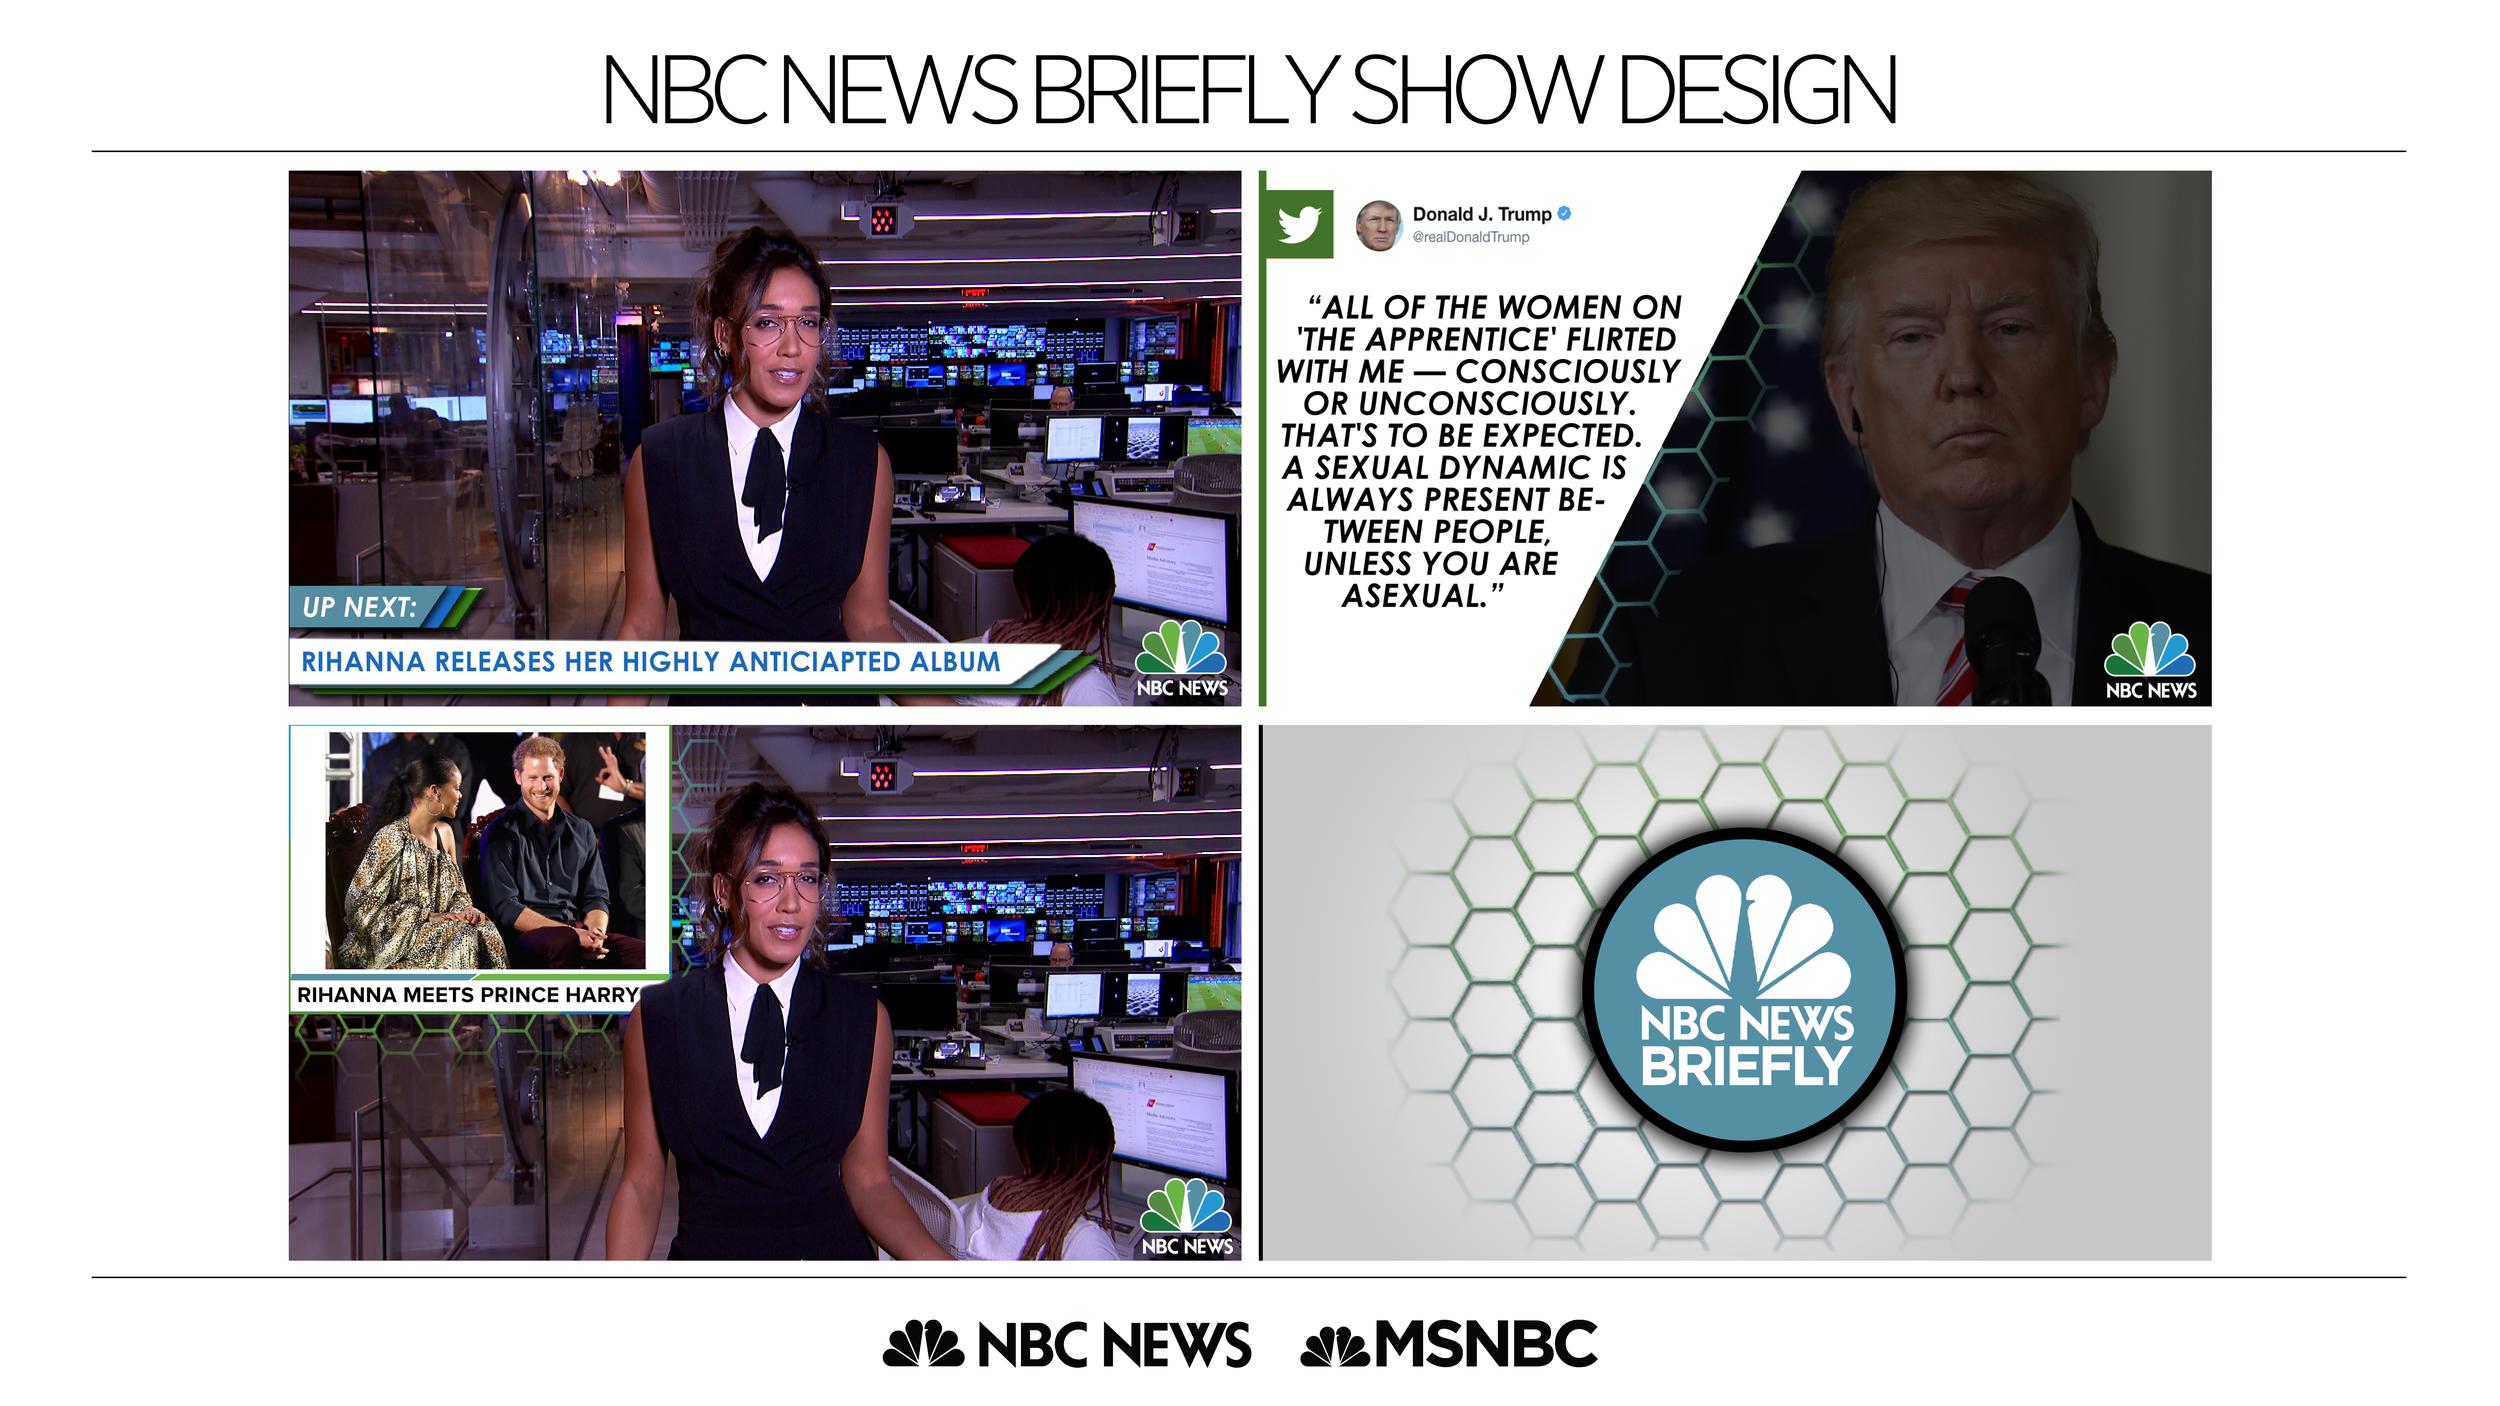 NBC NEWS -